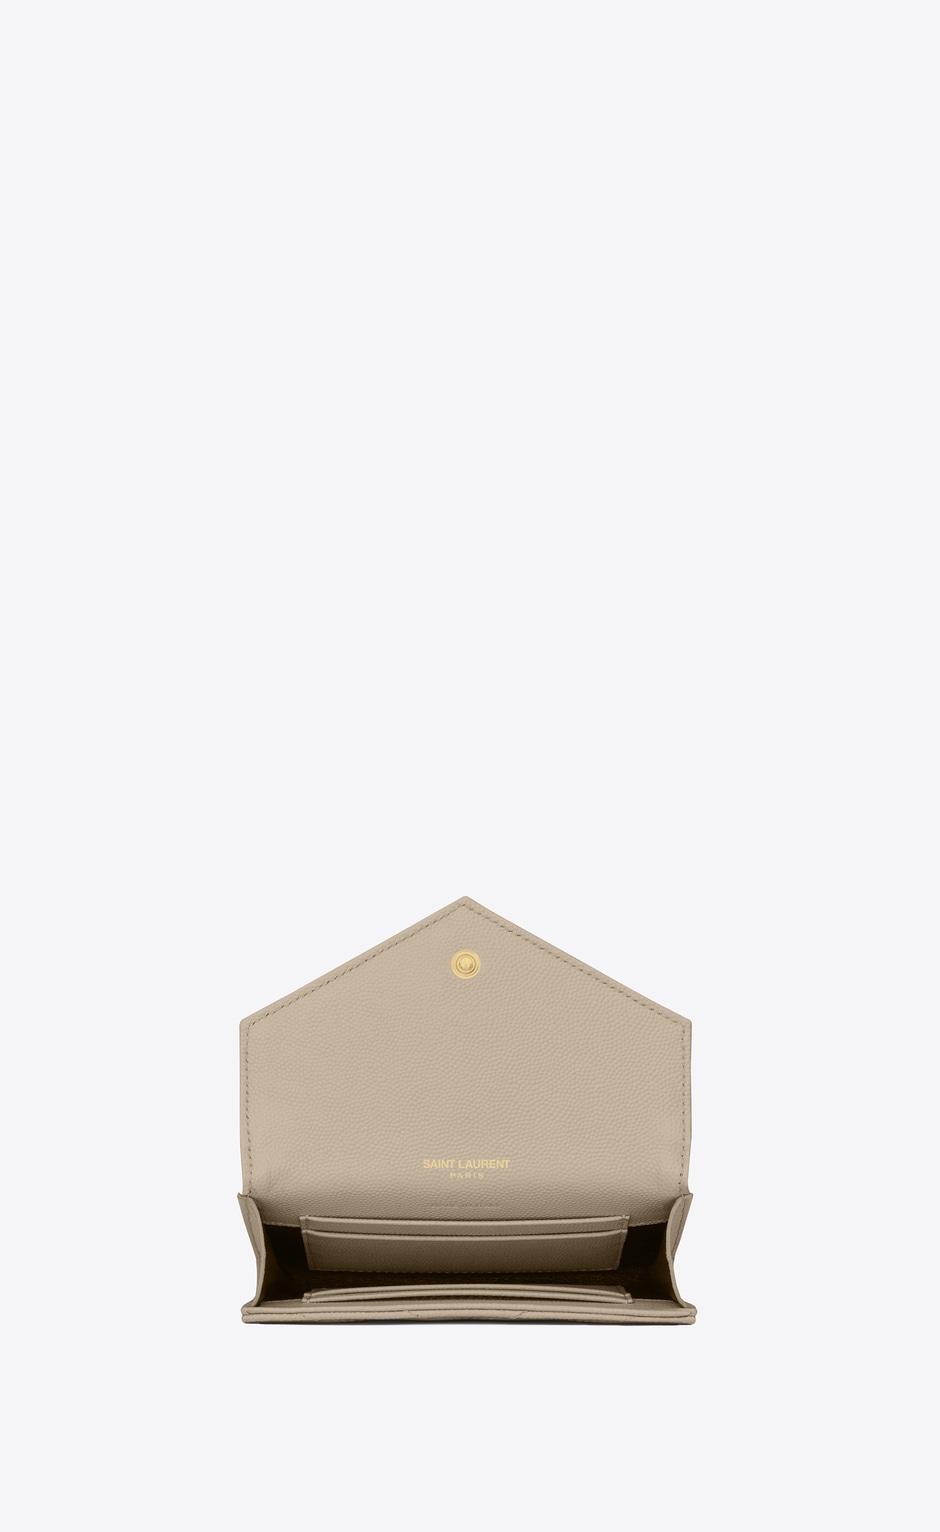 유럽직배송 입생로랑 SAINT LAURENT MONOGRAM SMALL ENVELOPE WALLET IN GRAIN DE POUDRE EMBOSSED LEATHER 414404BOW019607